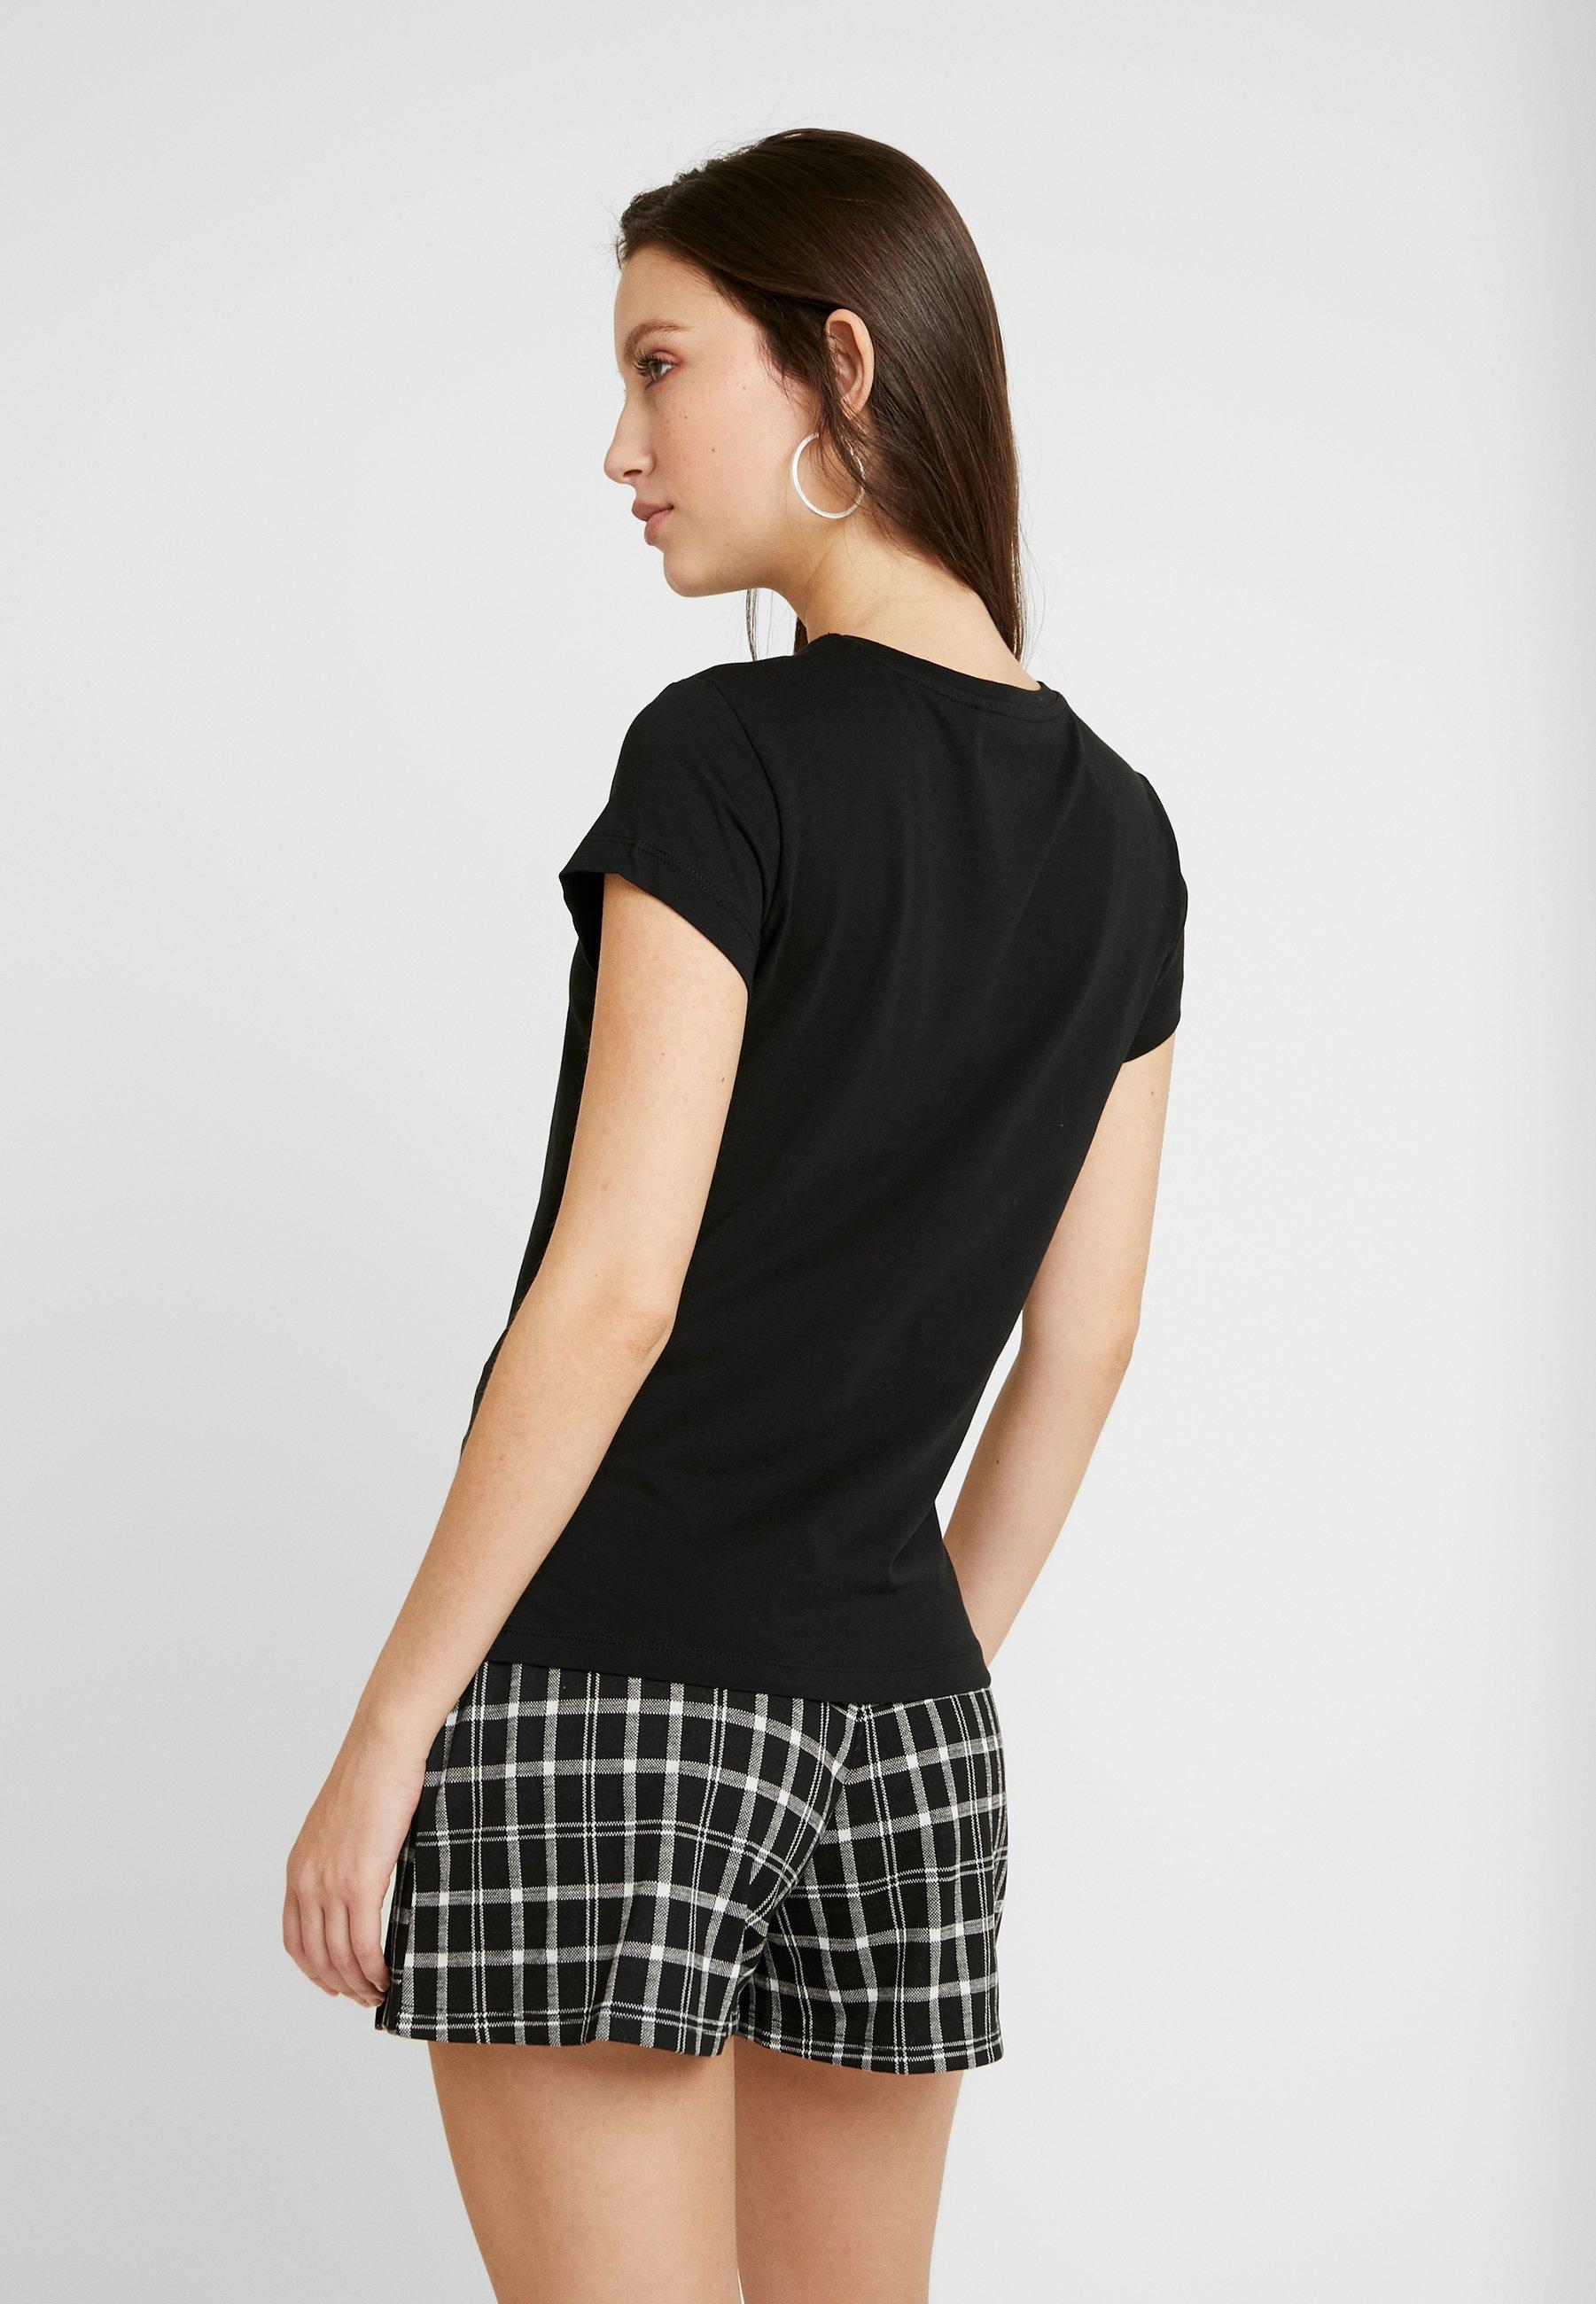 Only Onlpure Life 2pack - Basic T-shirt Black/white